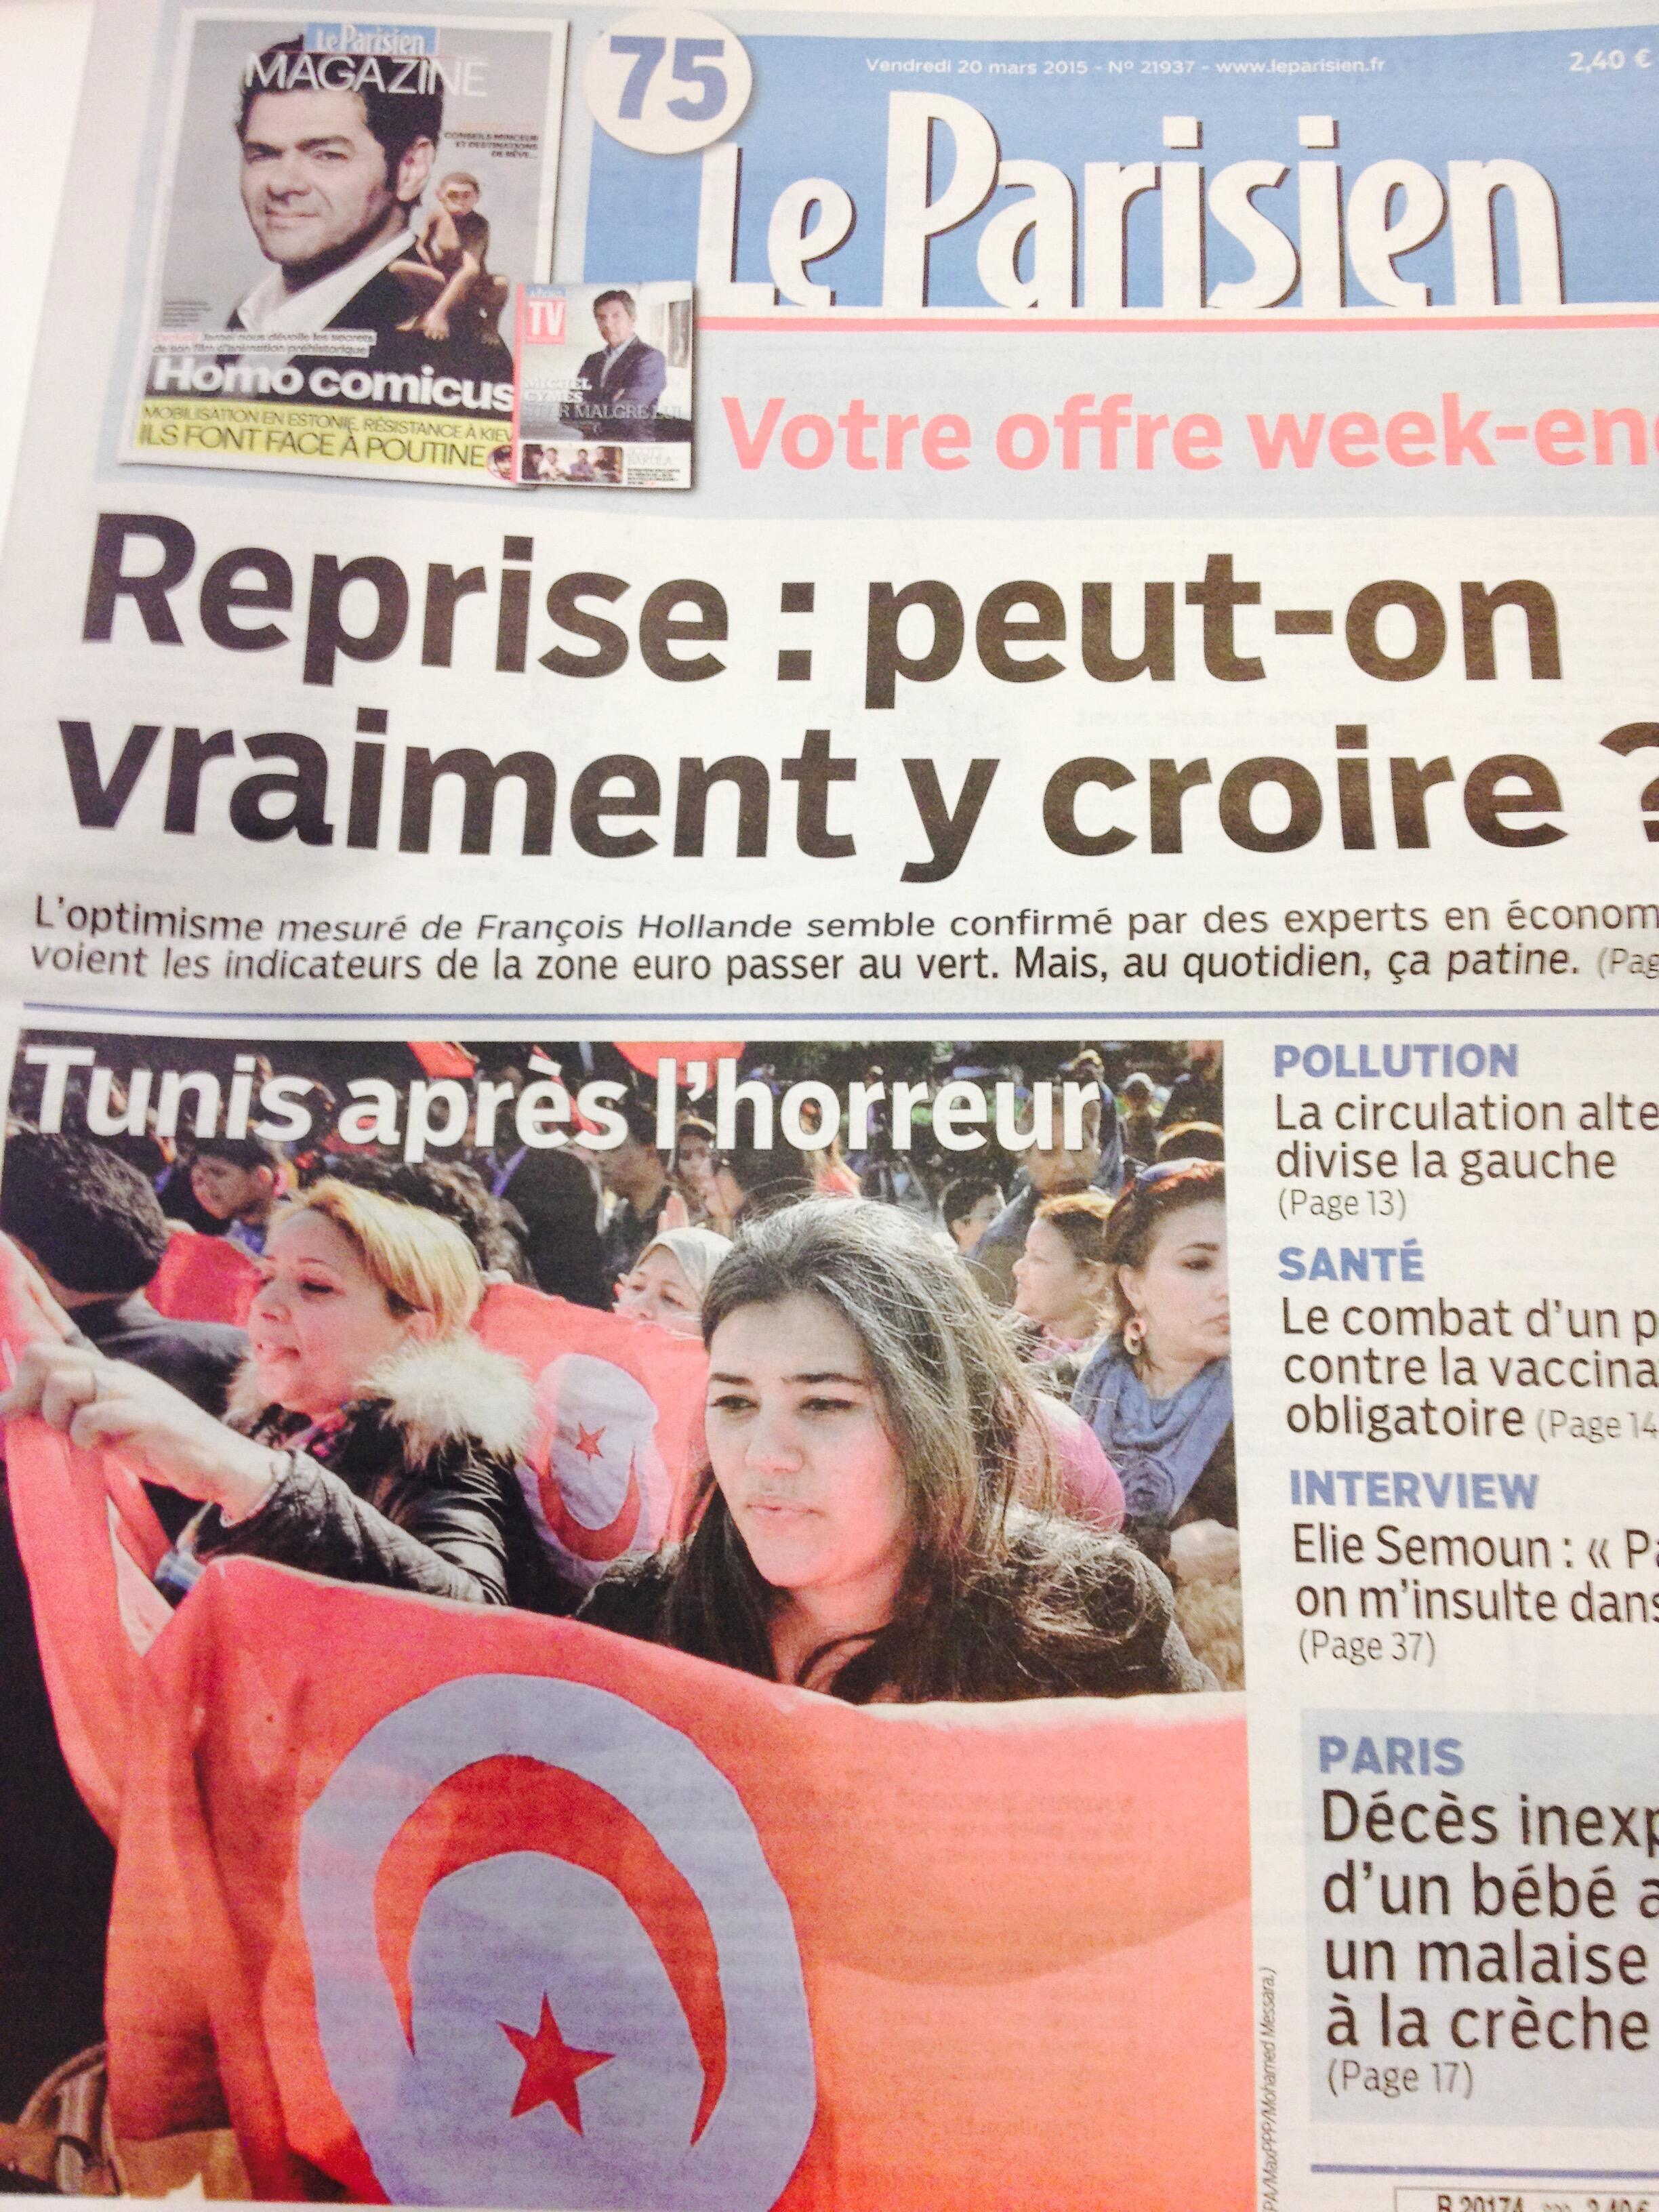 Primeira página do diário francês Le Parisien de 20/03/2015